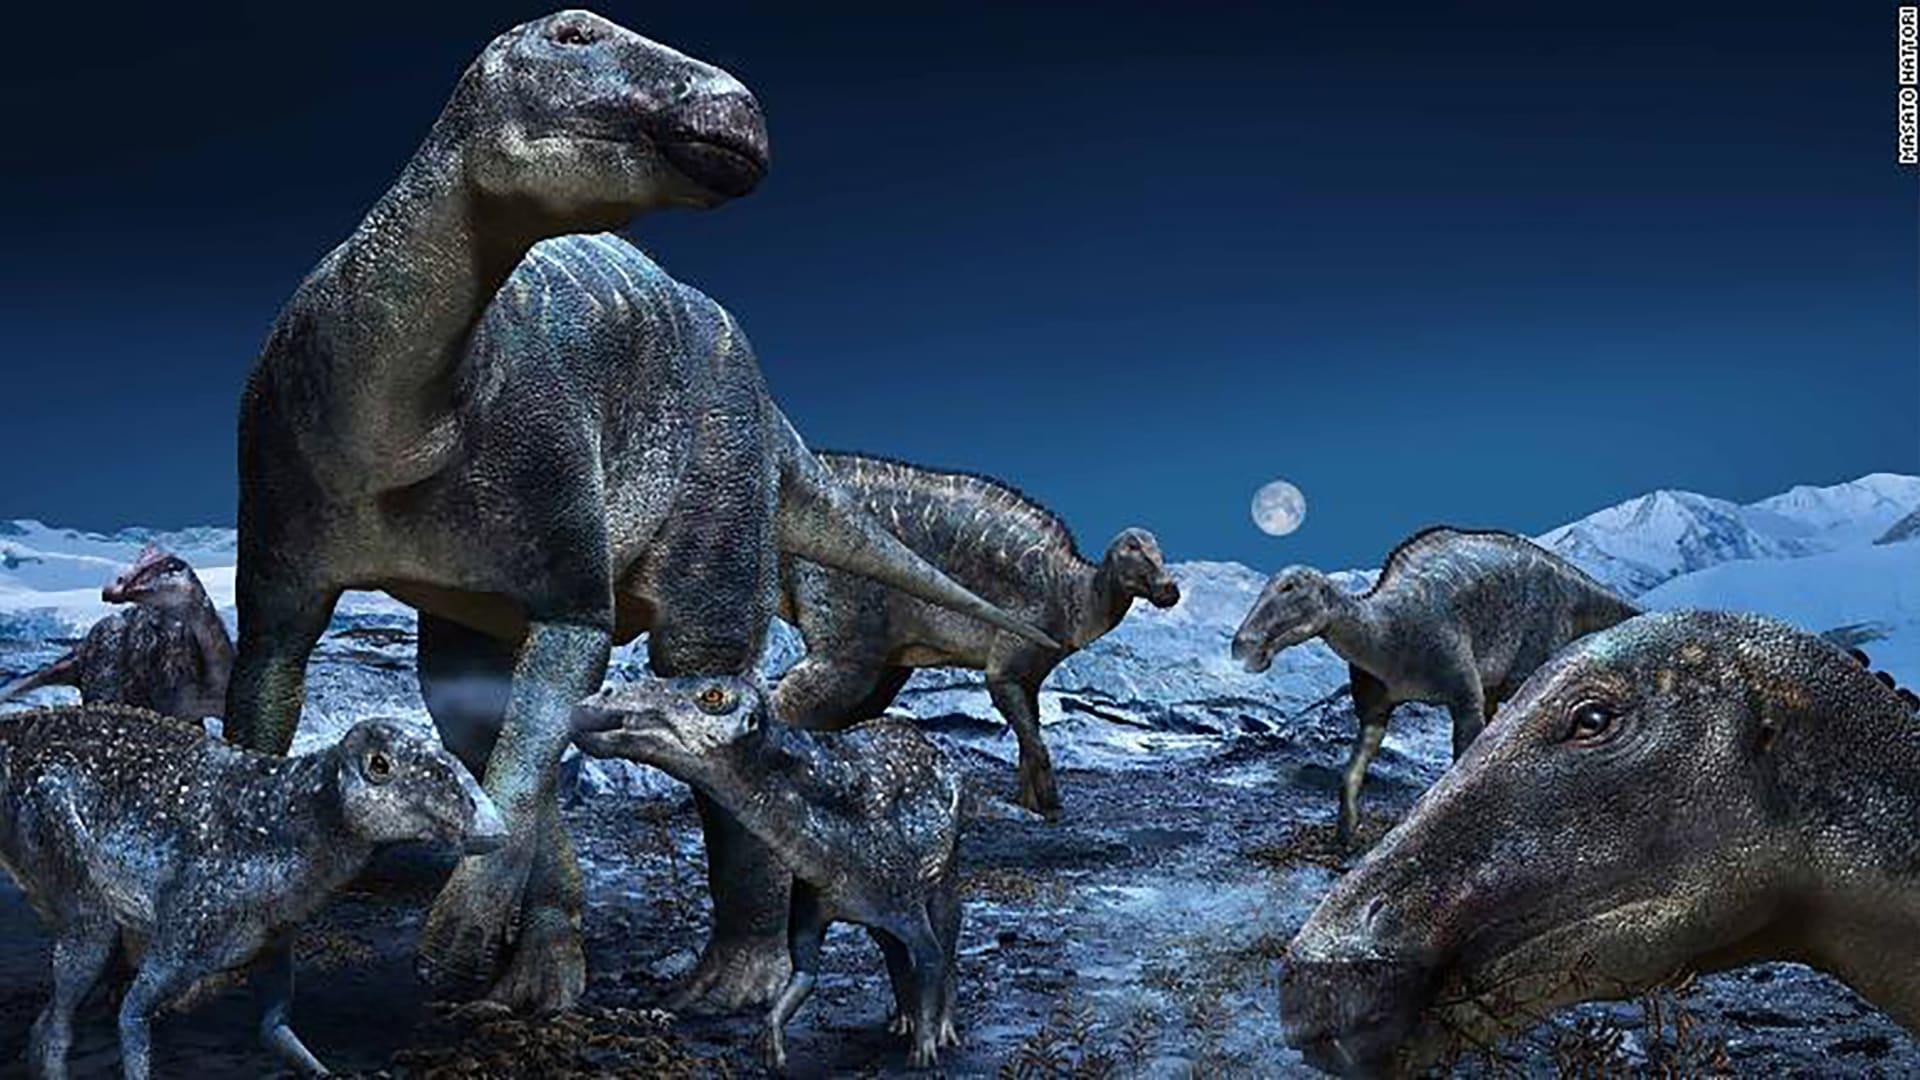 ديناصور القطب الشمالي يعبر الجسر البري بين آسيا وأمريكا قبل البشر الأوائل